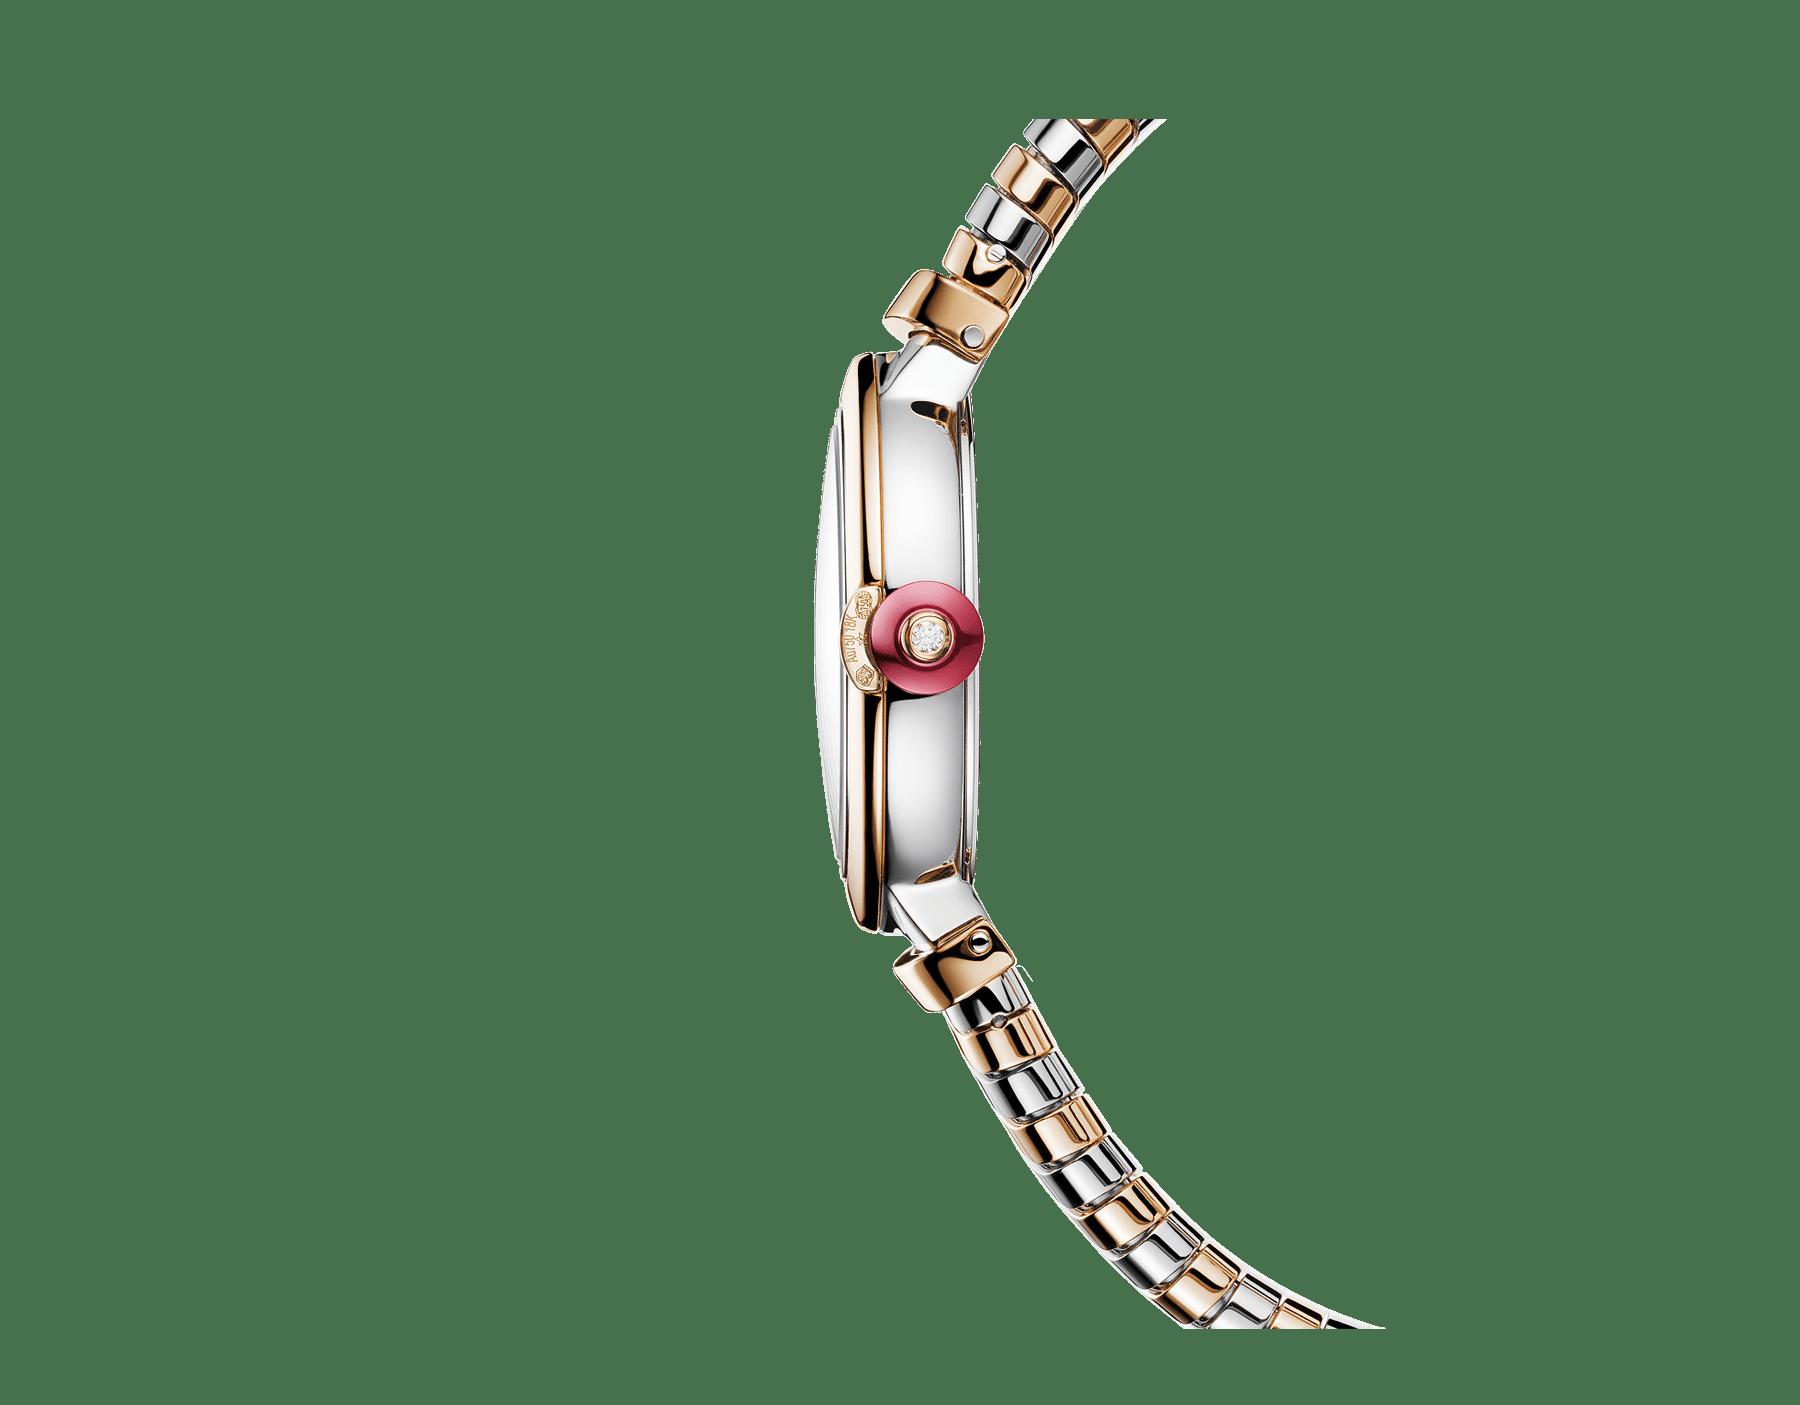 Montre LVCEA Tubogas avec boîtier et bracelet Tubogas en or rose 18K et acier inoxydable, cadran en nacre blanche et index sertis de diamants 102952 image 2